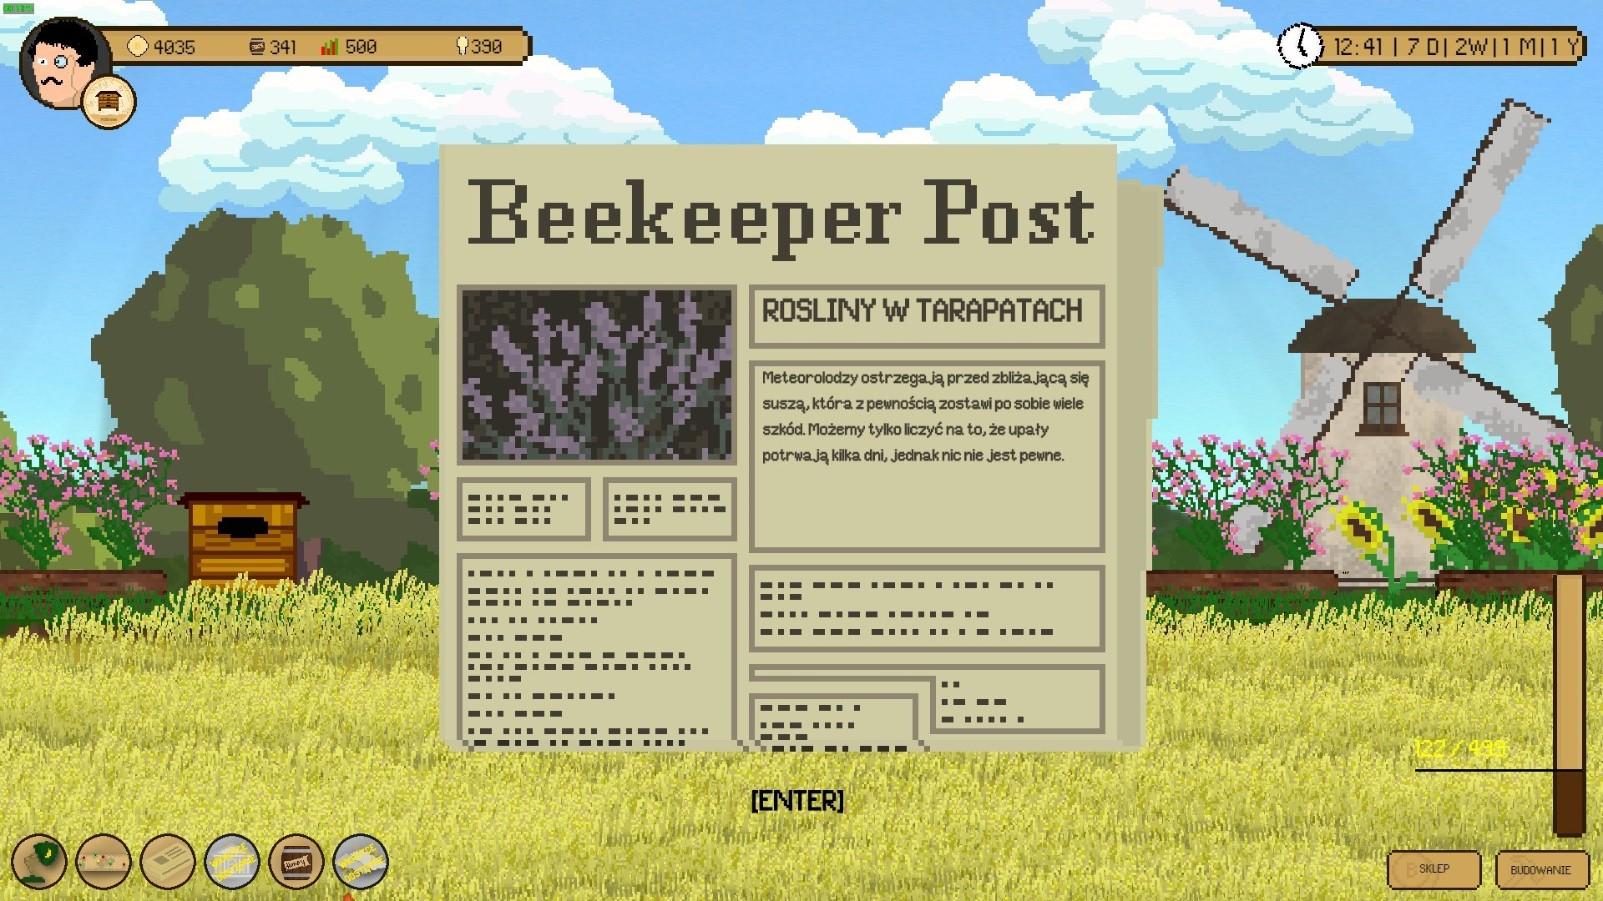 beekeeper-pierwsze-wrazenia-2